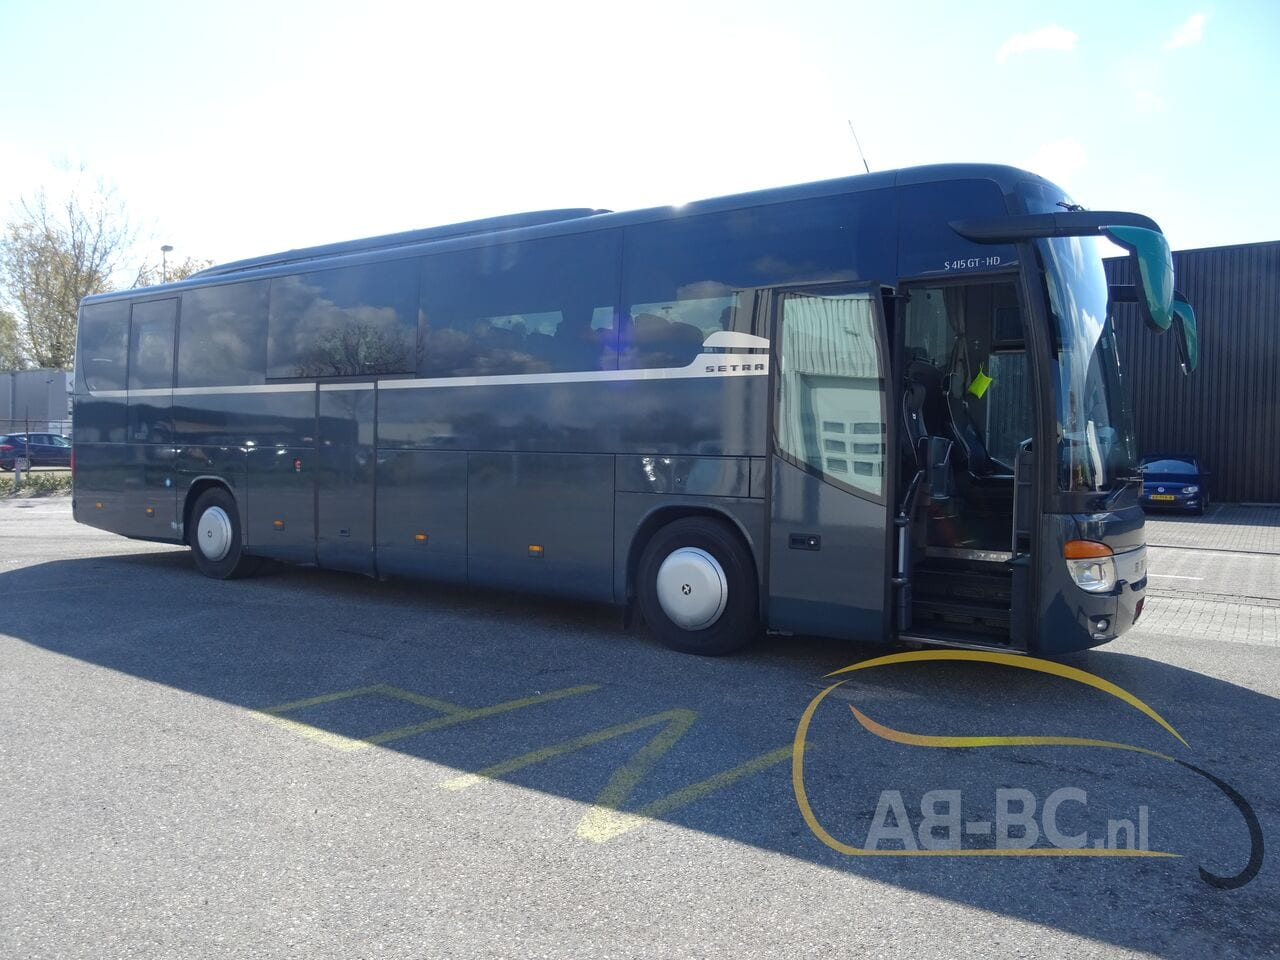 coach-busSETRA-S415-GT-HD-FINAL-EDITION-51-SEATS-LIFTBUS---1620381793183988285_big_7ca0f995af9674eafdcb4b88edba189e--21050713010665719300